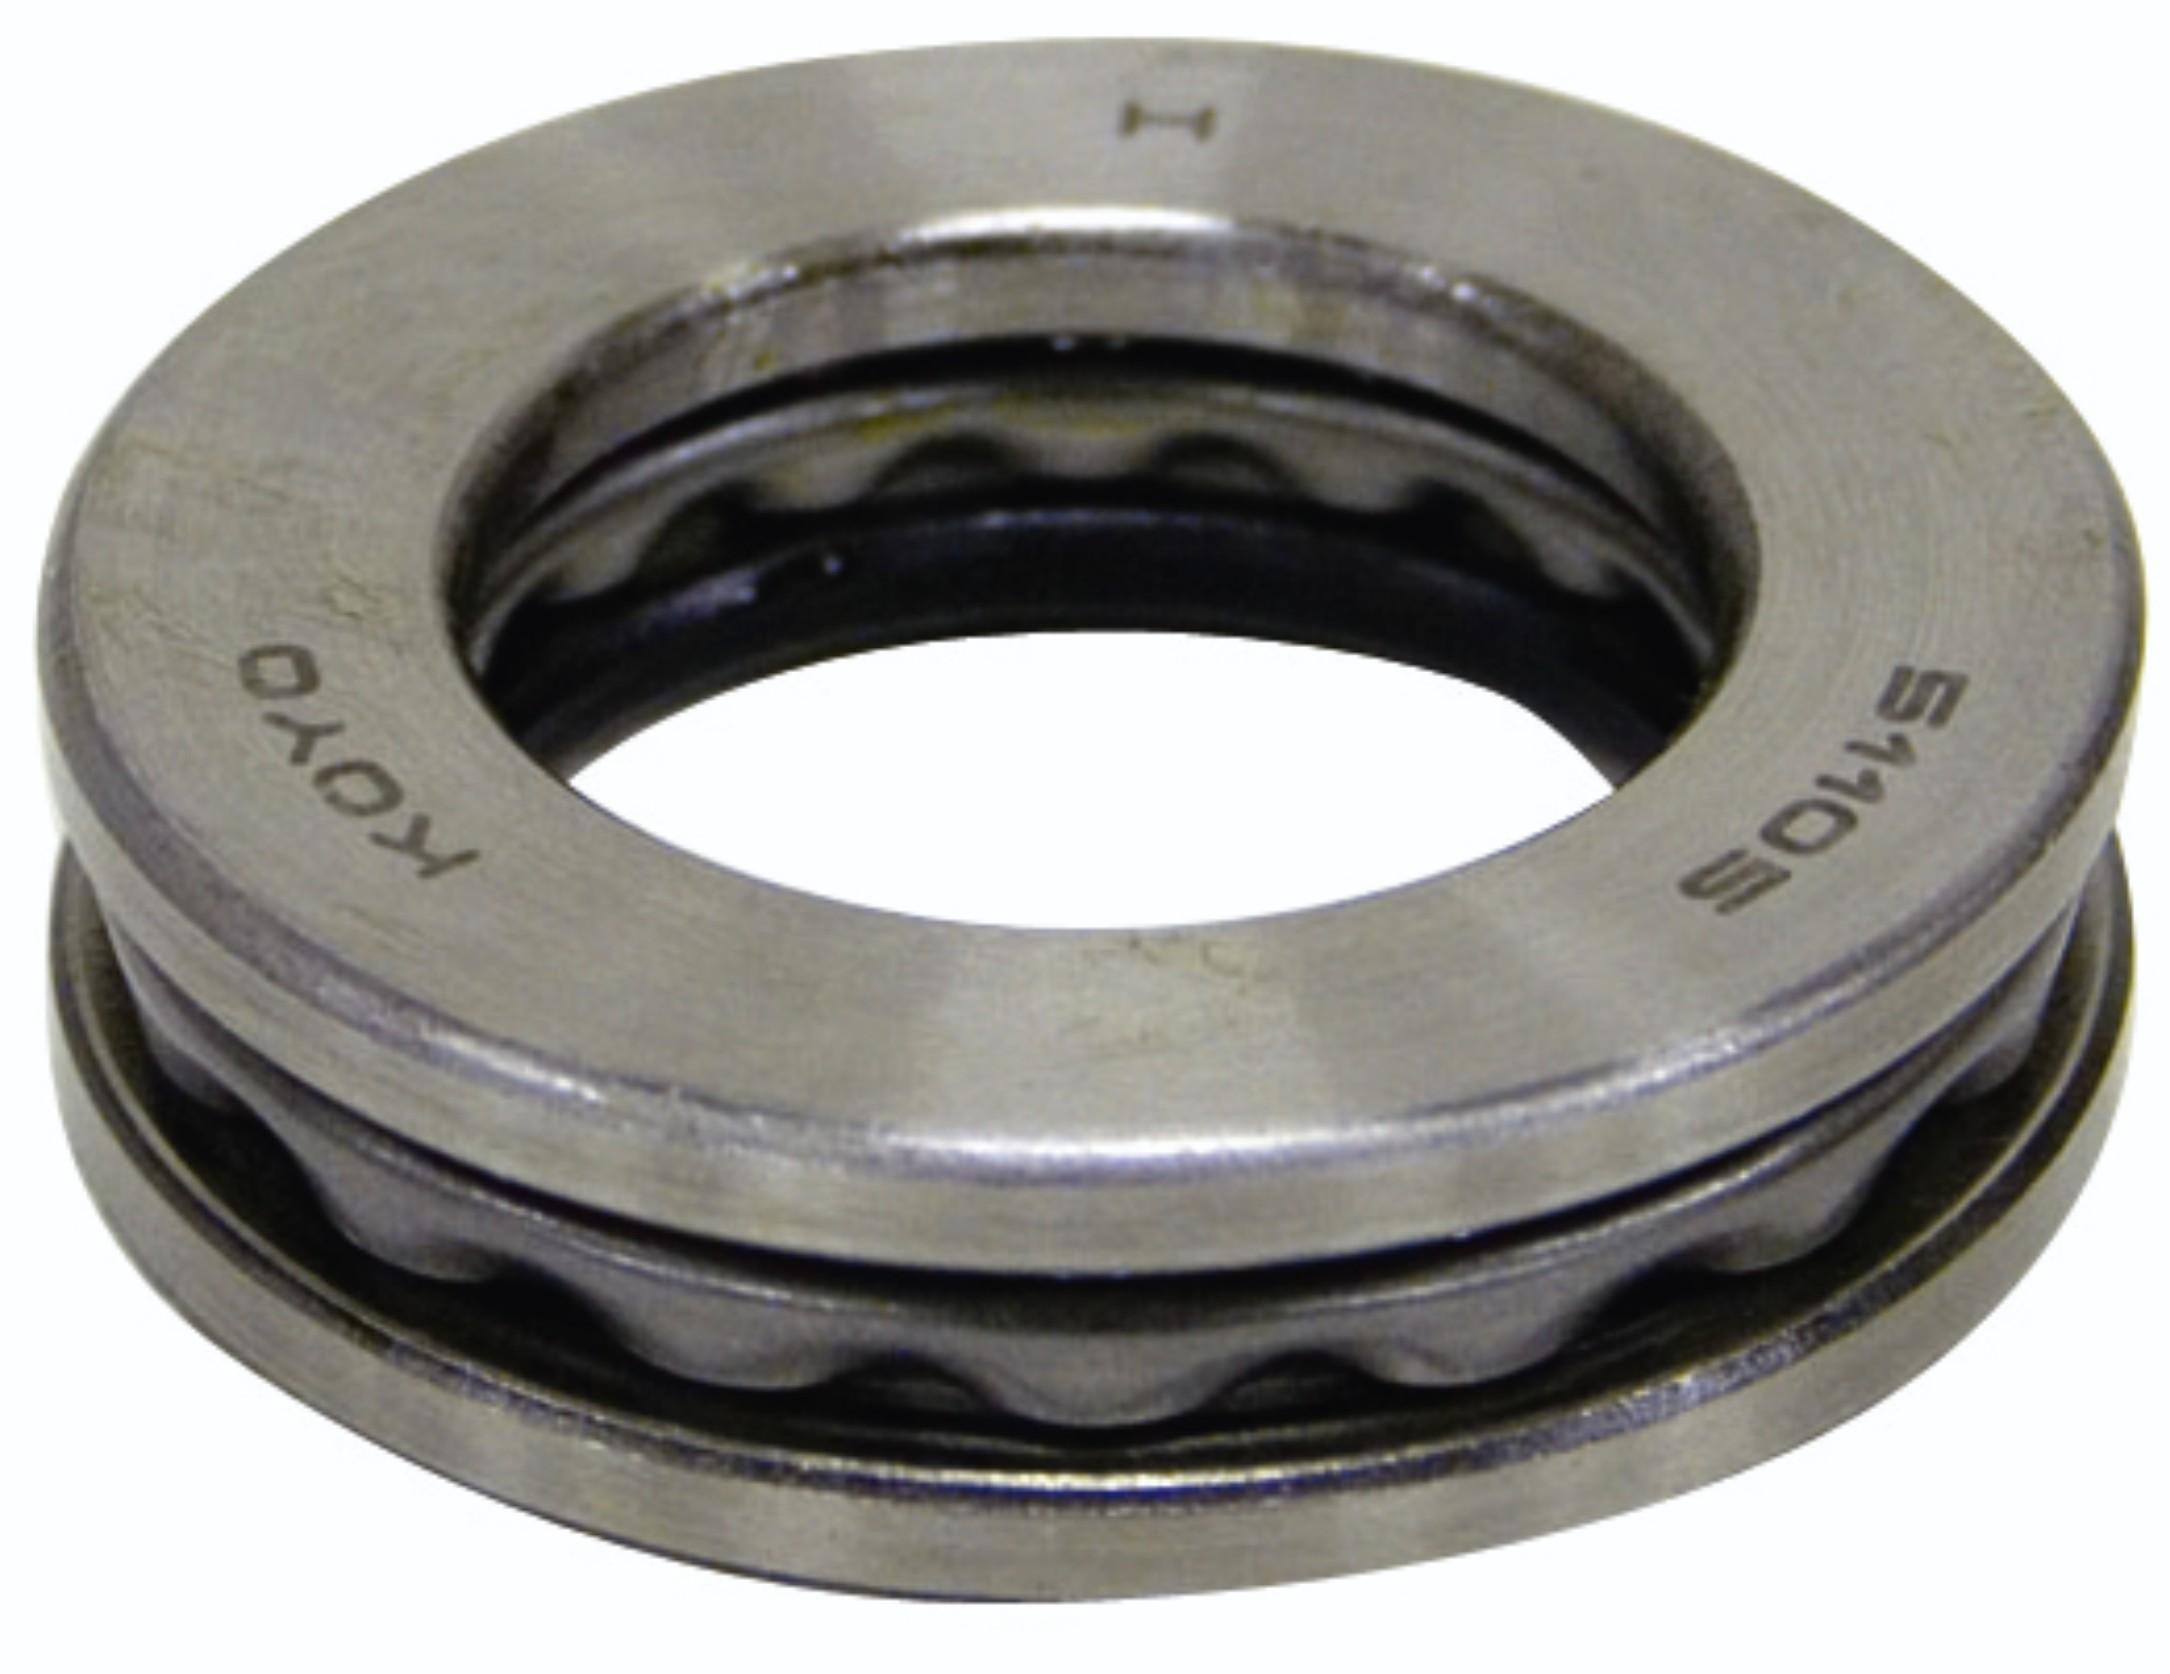 Axiallager vertikalaxel nedre växel AQ 80, 100A, 100B, 100S, 110S (19004)